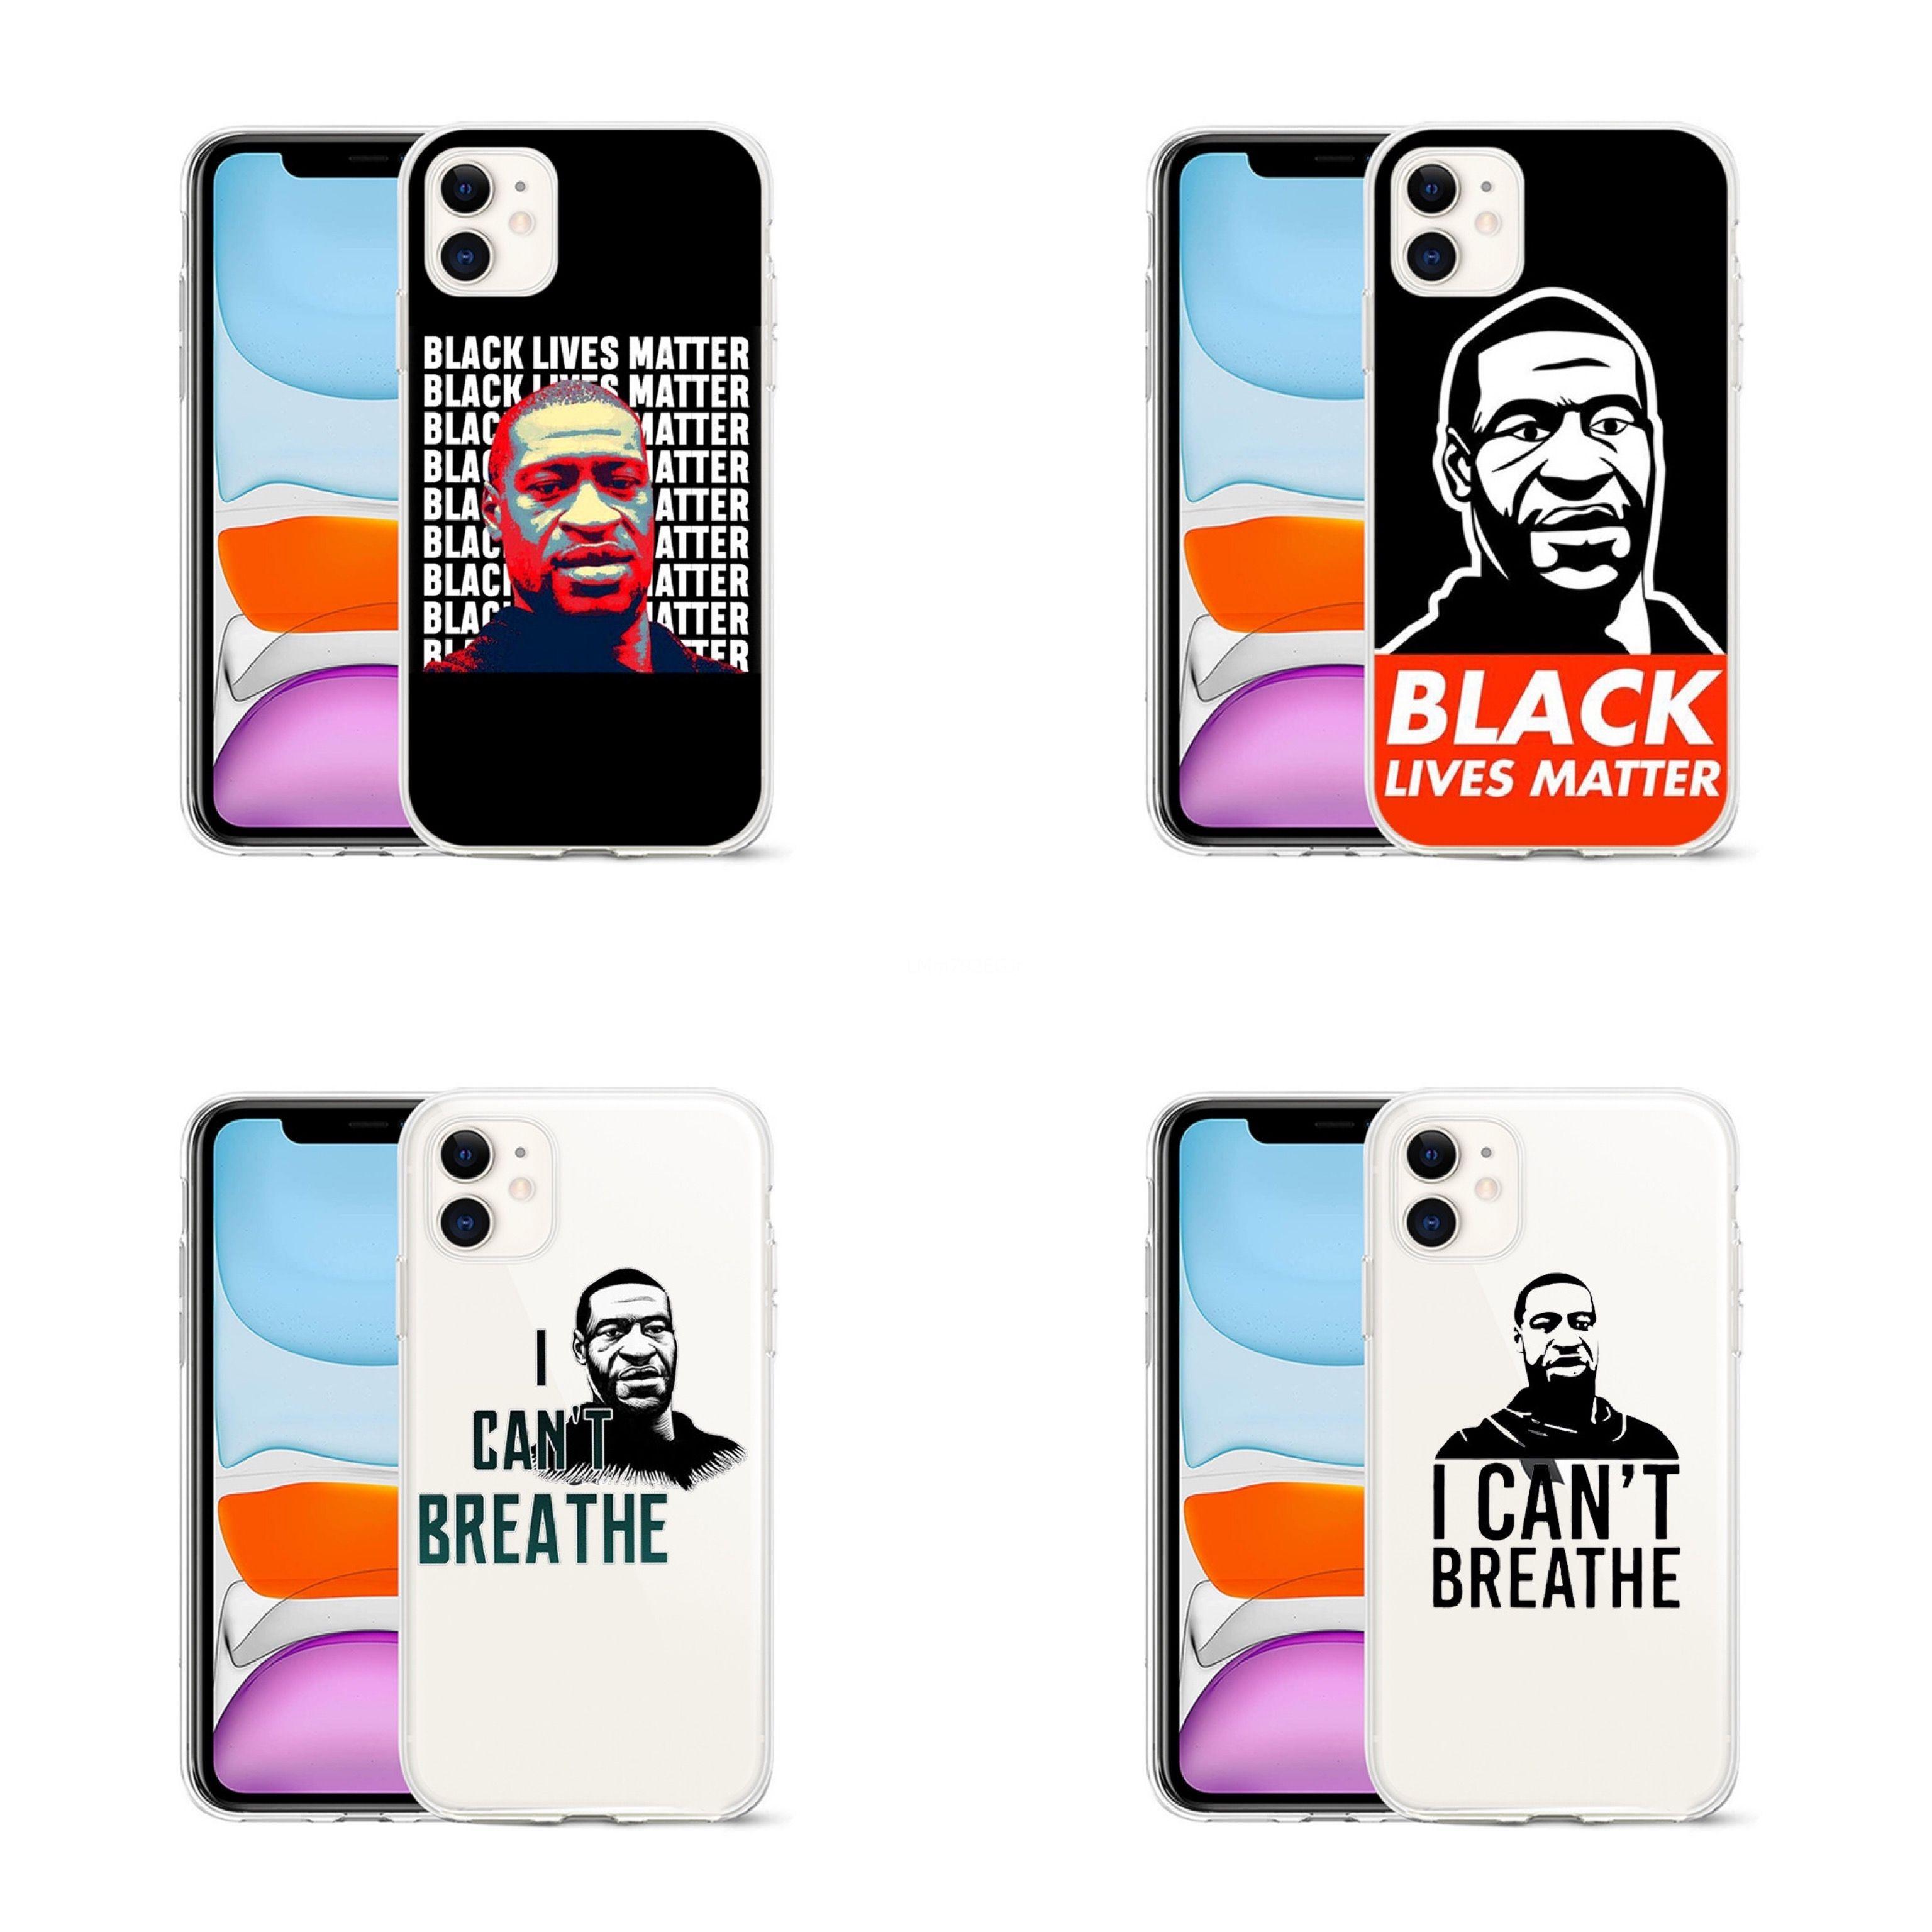 2020 Nouveau Designer Phone pour iPhone 11 Pro Max Xr Xs 8 7 cas Clear Armor couverture arrière pour Samsung Note 10 S10 plus A10E A20 A50 A70 # OU646